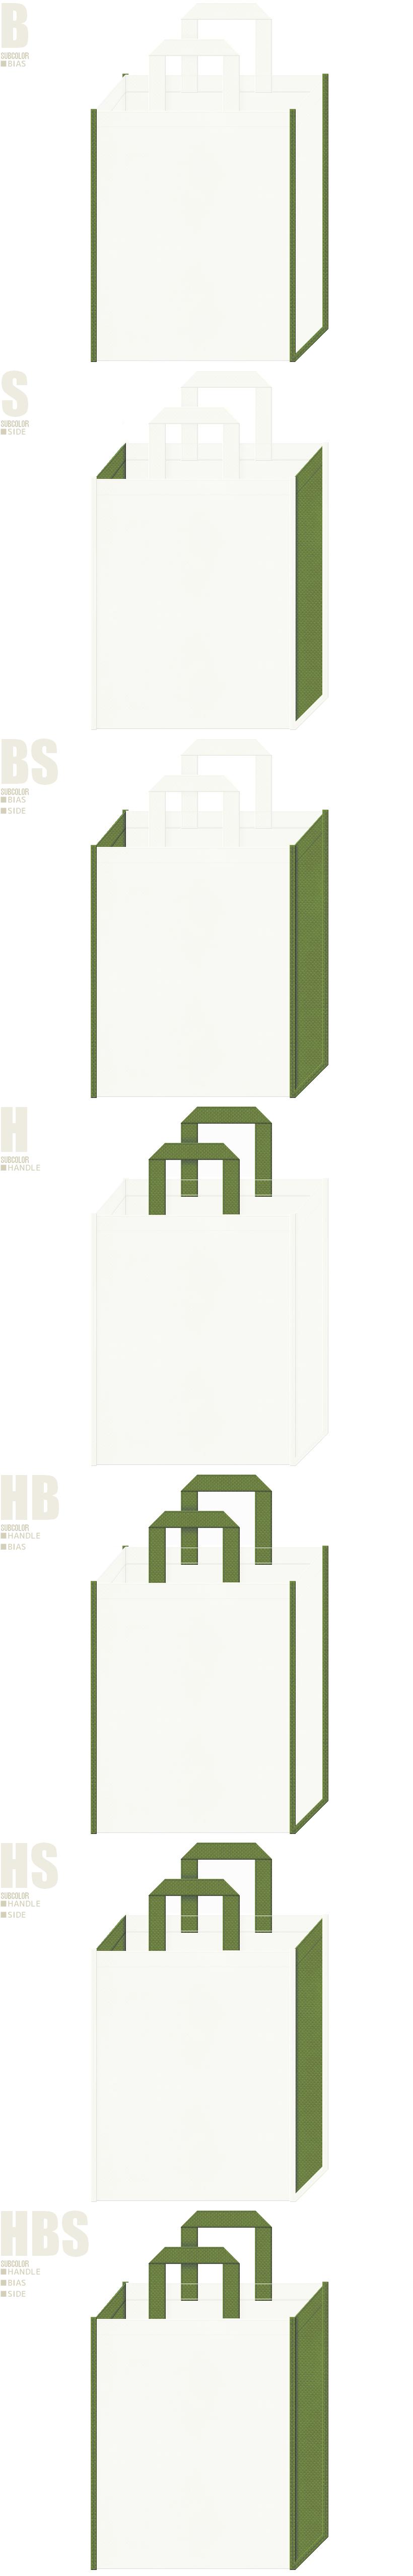 和菓子見本市・和風商品・造園用品・ビオトープの展示会用バッグにお奨めです。オフホワイト色と草色の不織布バッグ配色7パターンのデザイン。